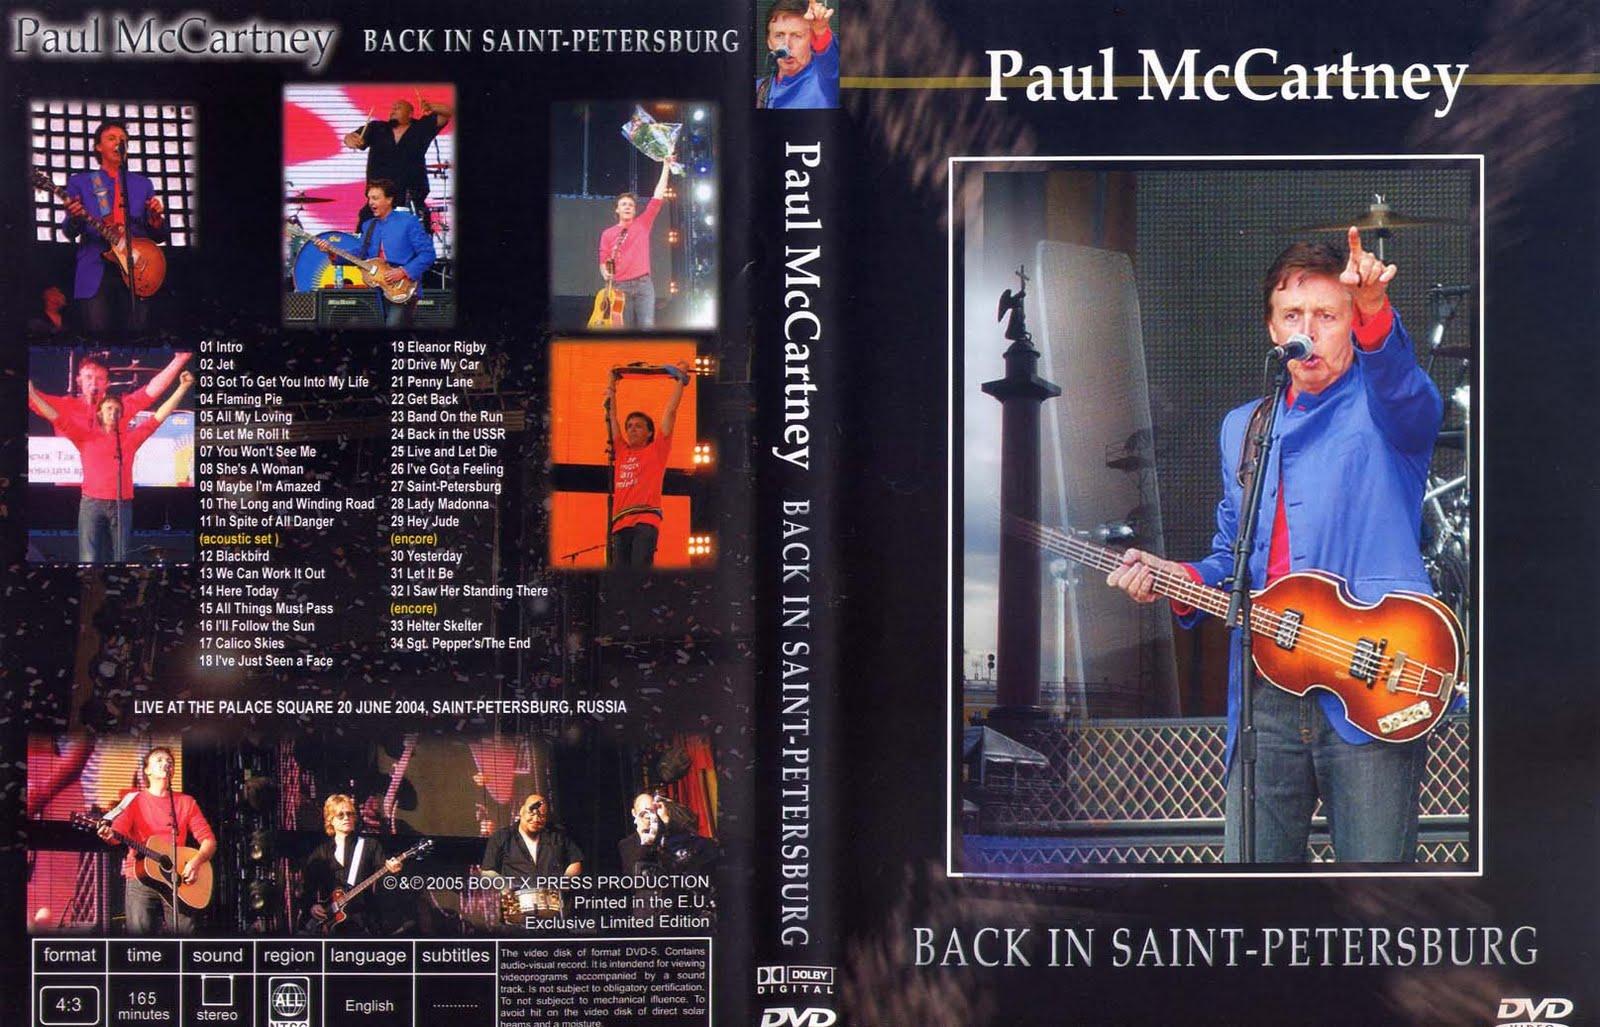 Paul McCartney 2005 Back In Saint Petersburg